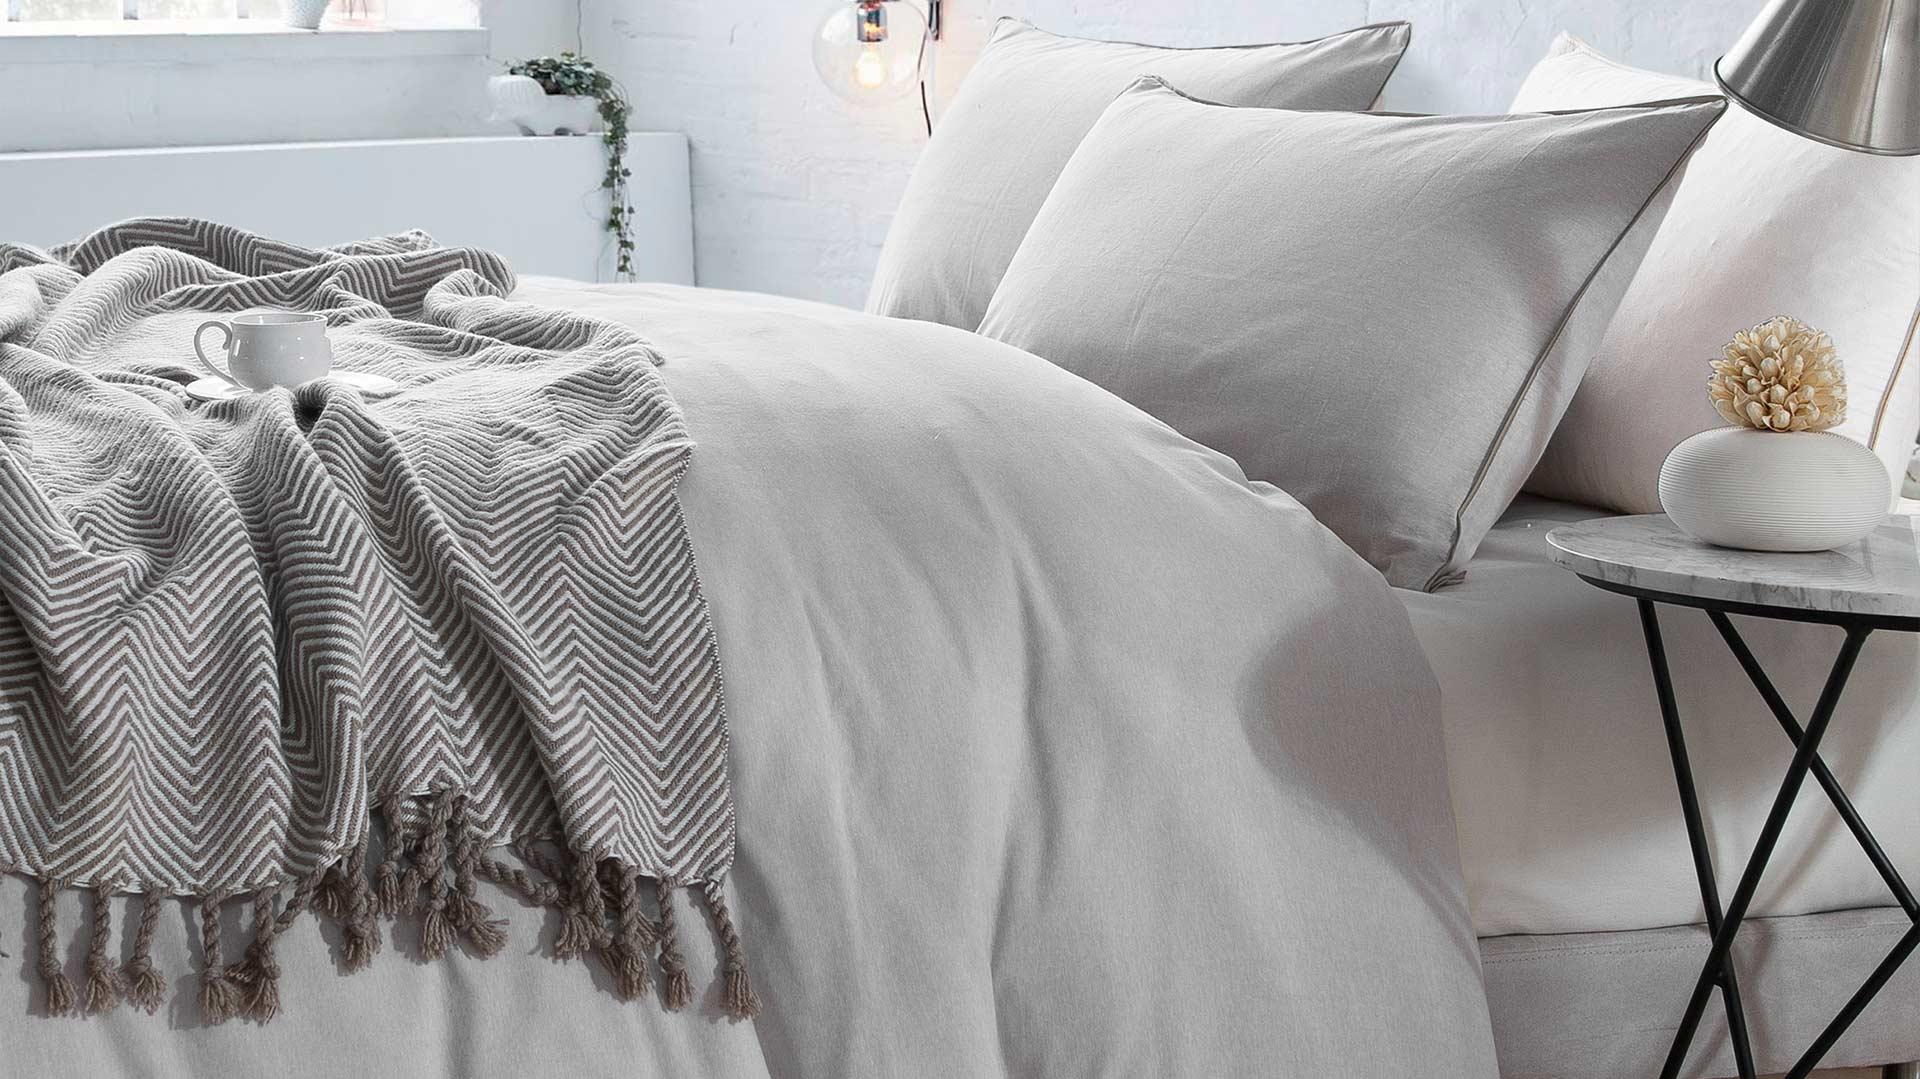 Chambray-bedding-Natural-plain